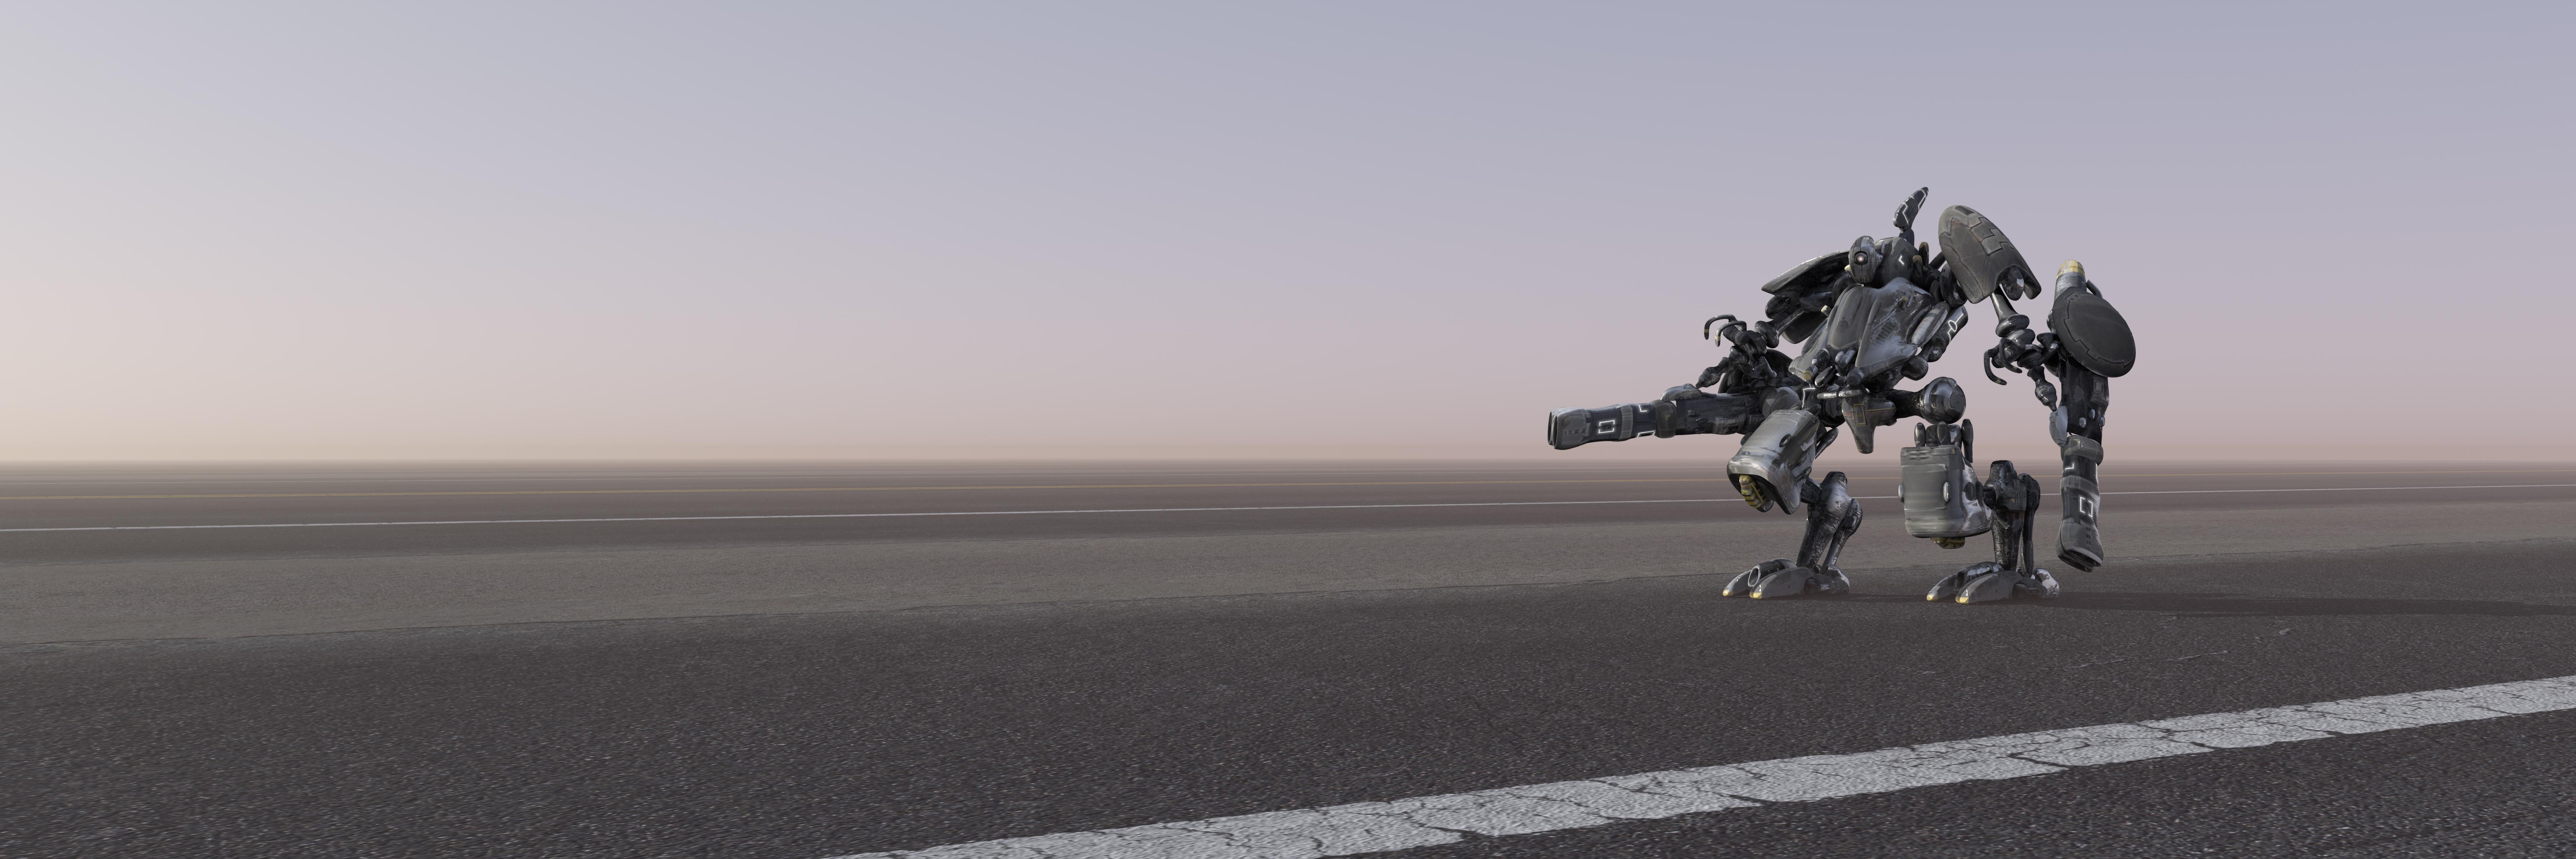 ROBOT1 - V2